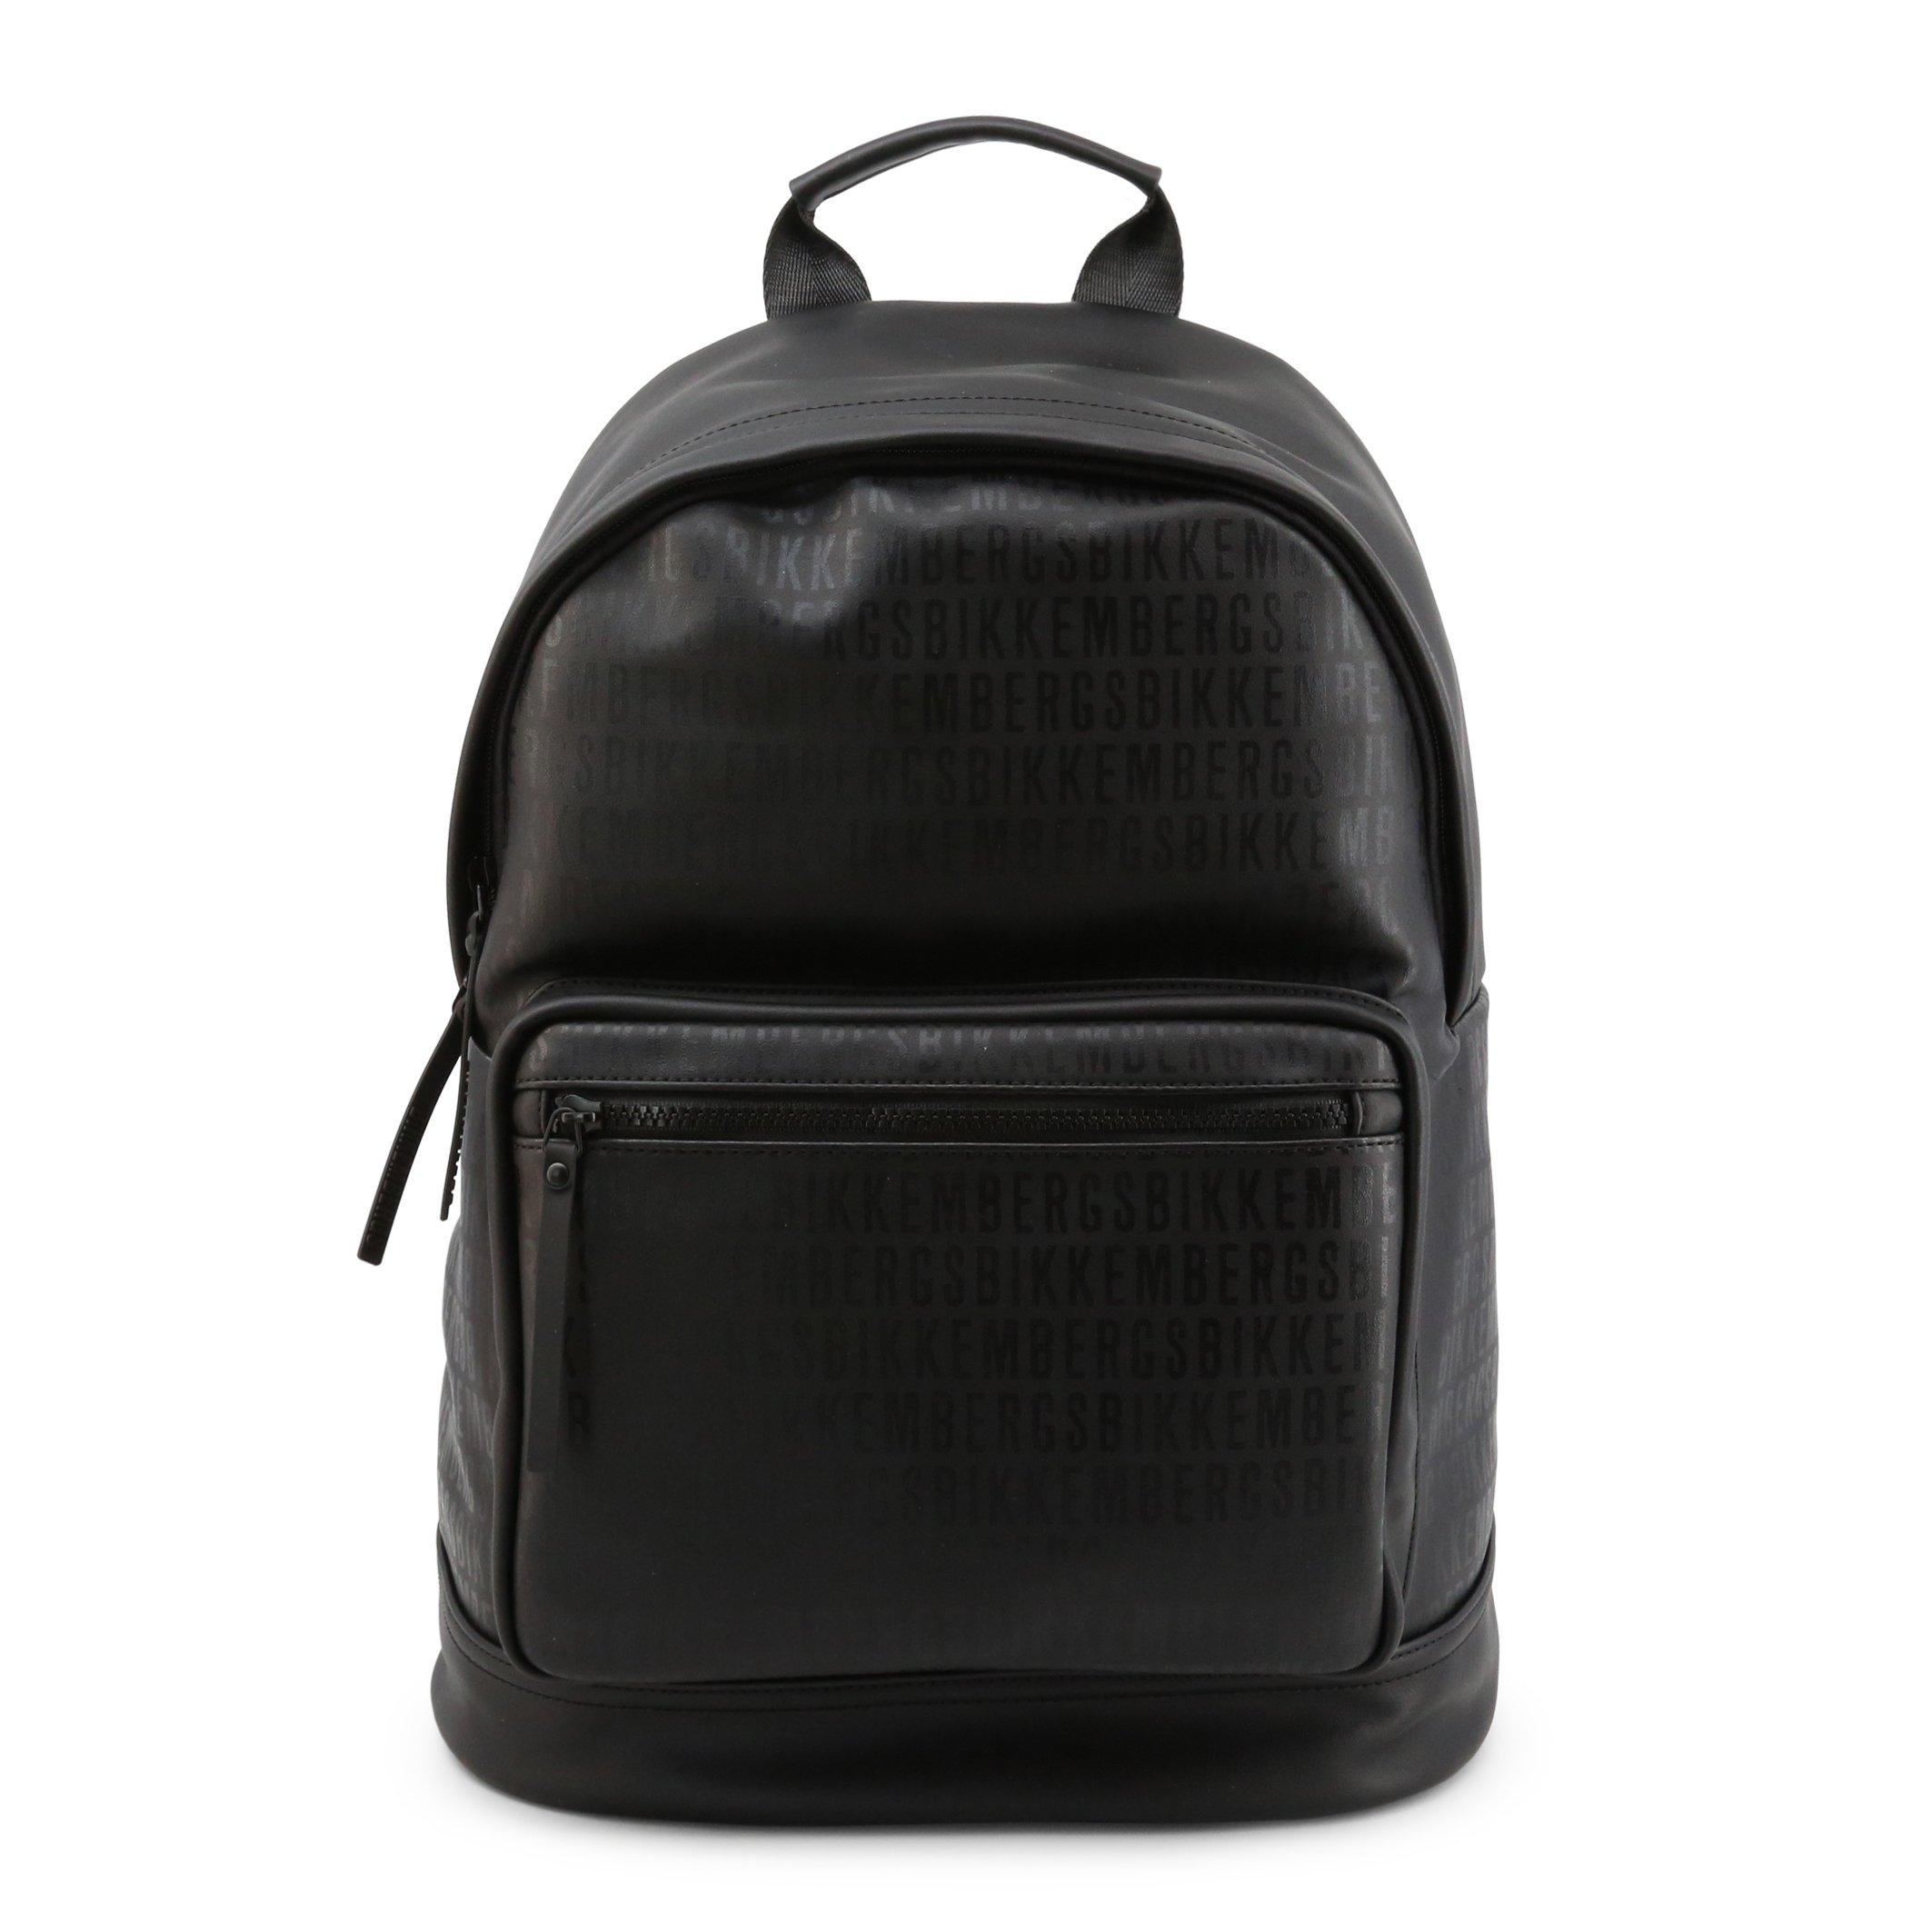 Bikkembergs Men's Backpack Black E2APME810075 - black-1 NOSIZE